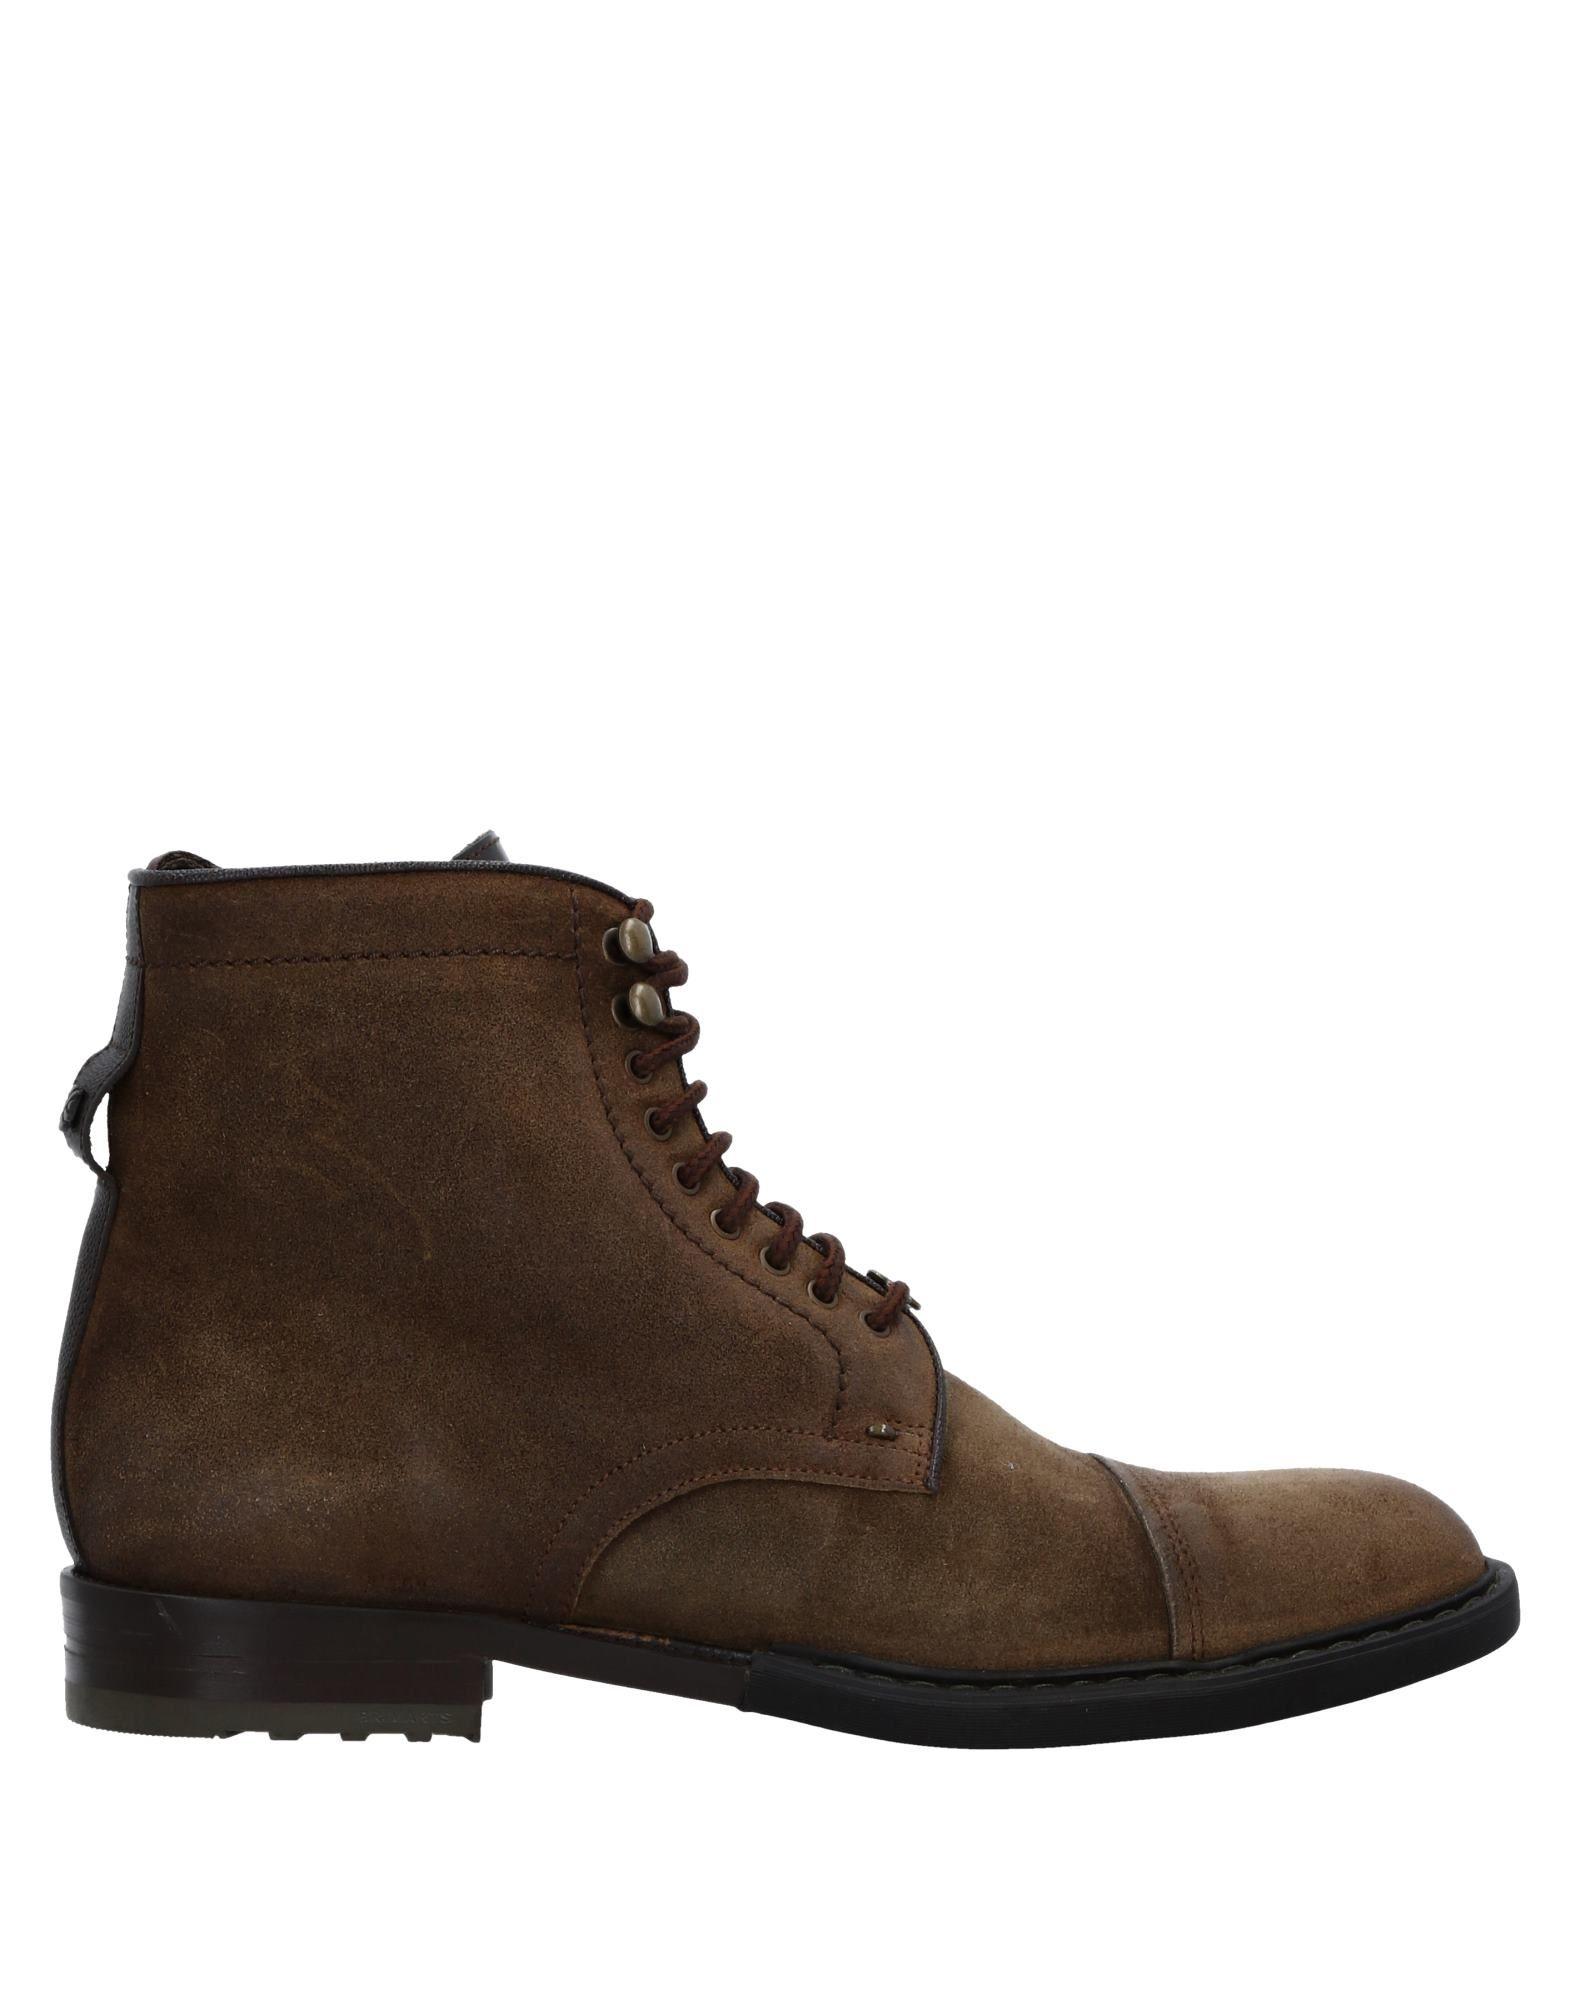 Brimarts Stiefelette Herren  11535518KM Gute Qualität beliebte Schuhe